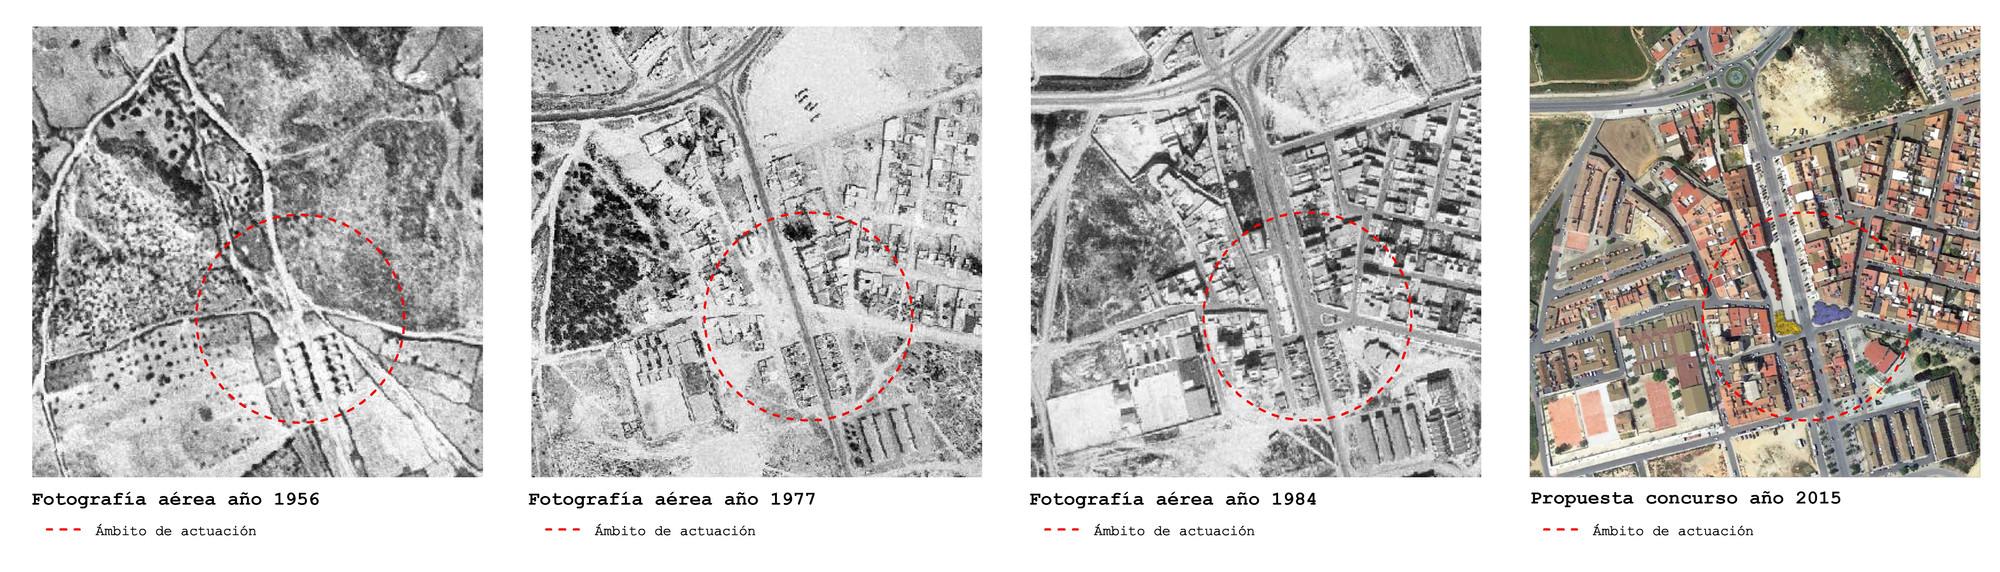 Evolución del territorio